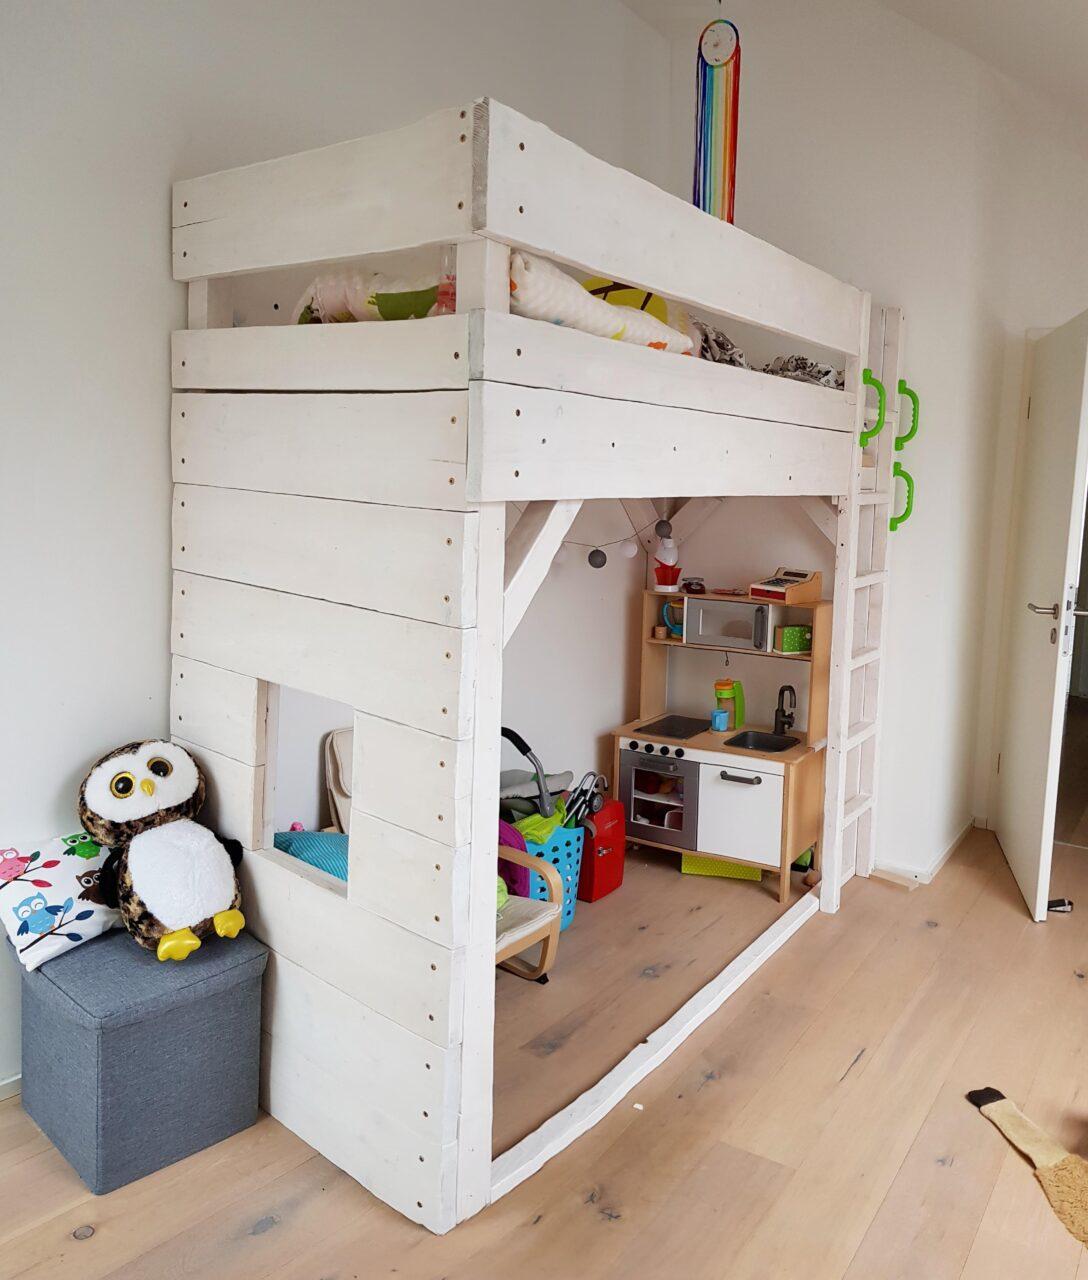 Large Size of Pappbett Bilder Ideen Couch Ikea Miniküche Betten 160x200 Sofa Mit Schlaffunktion Küche Kosten Modulküche Kaufen Bei Wohnzimmer Pappbett Ikea